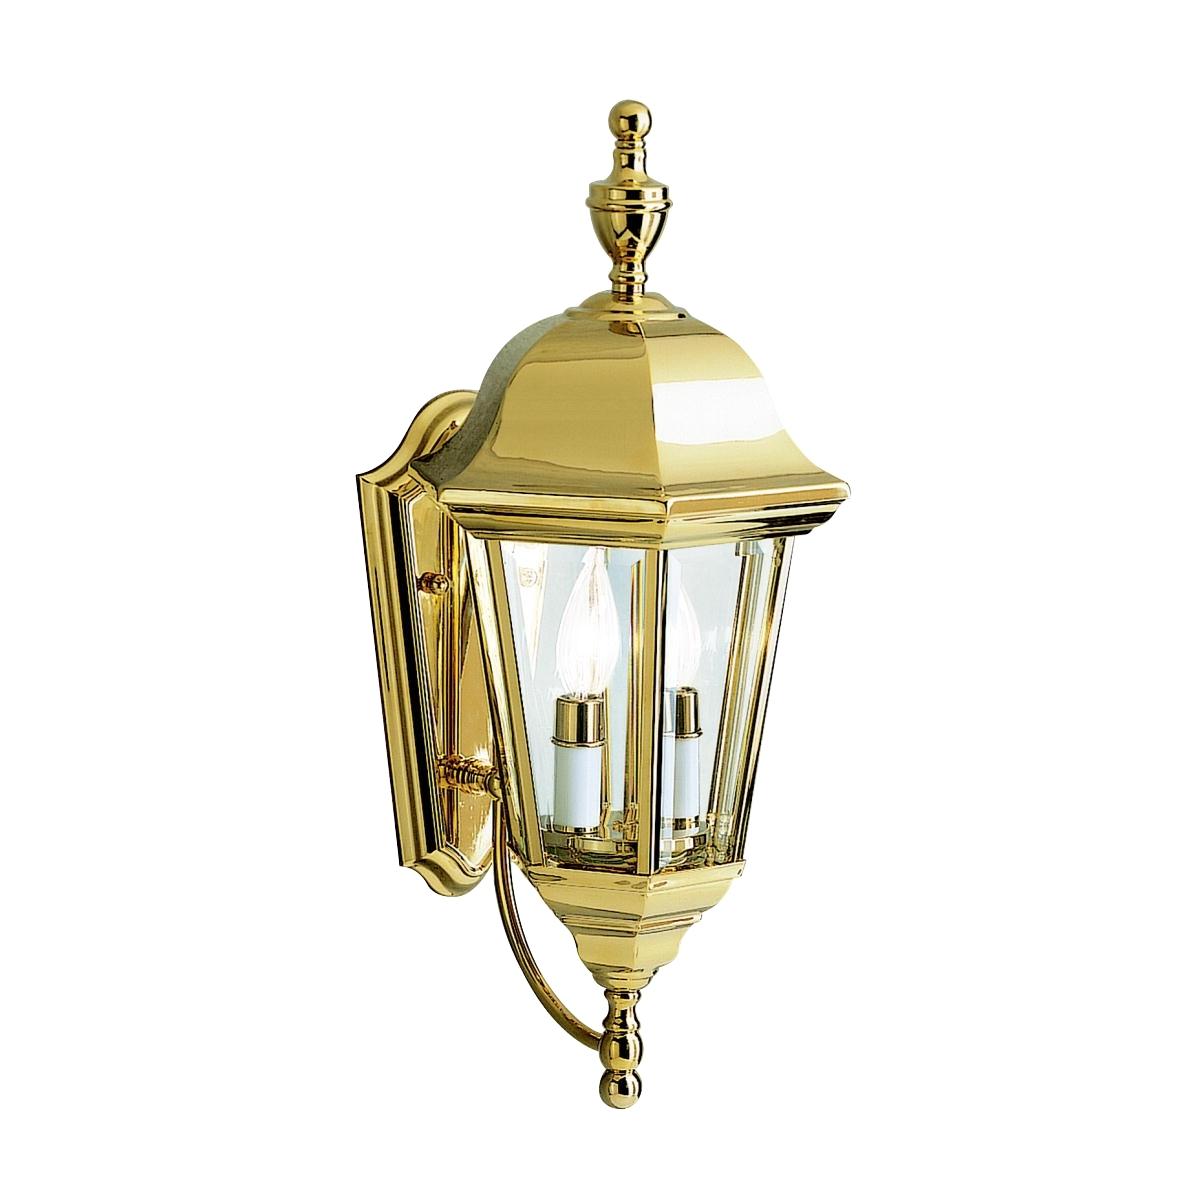 Brass Outdoor Lighting Fixtures | Amazing Lighting Inside Brass Outdoor Ceiling Lights (#5 of 15)